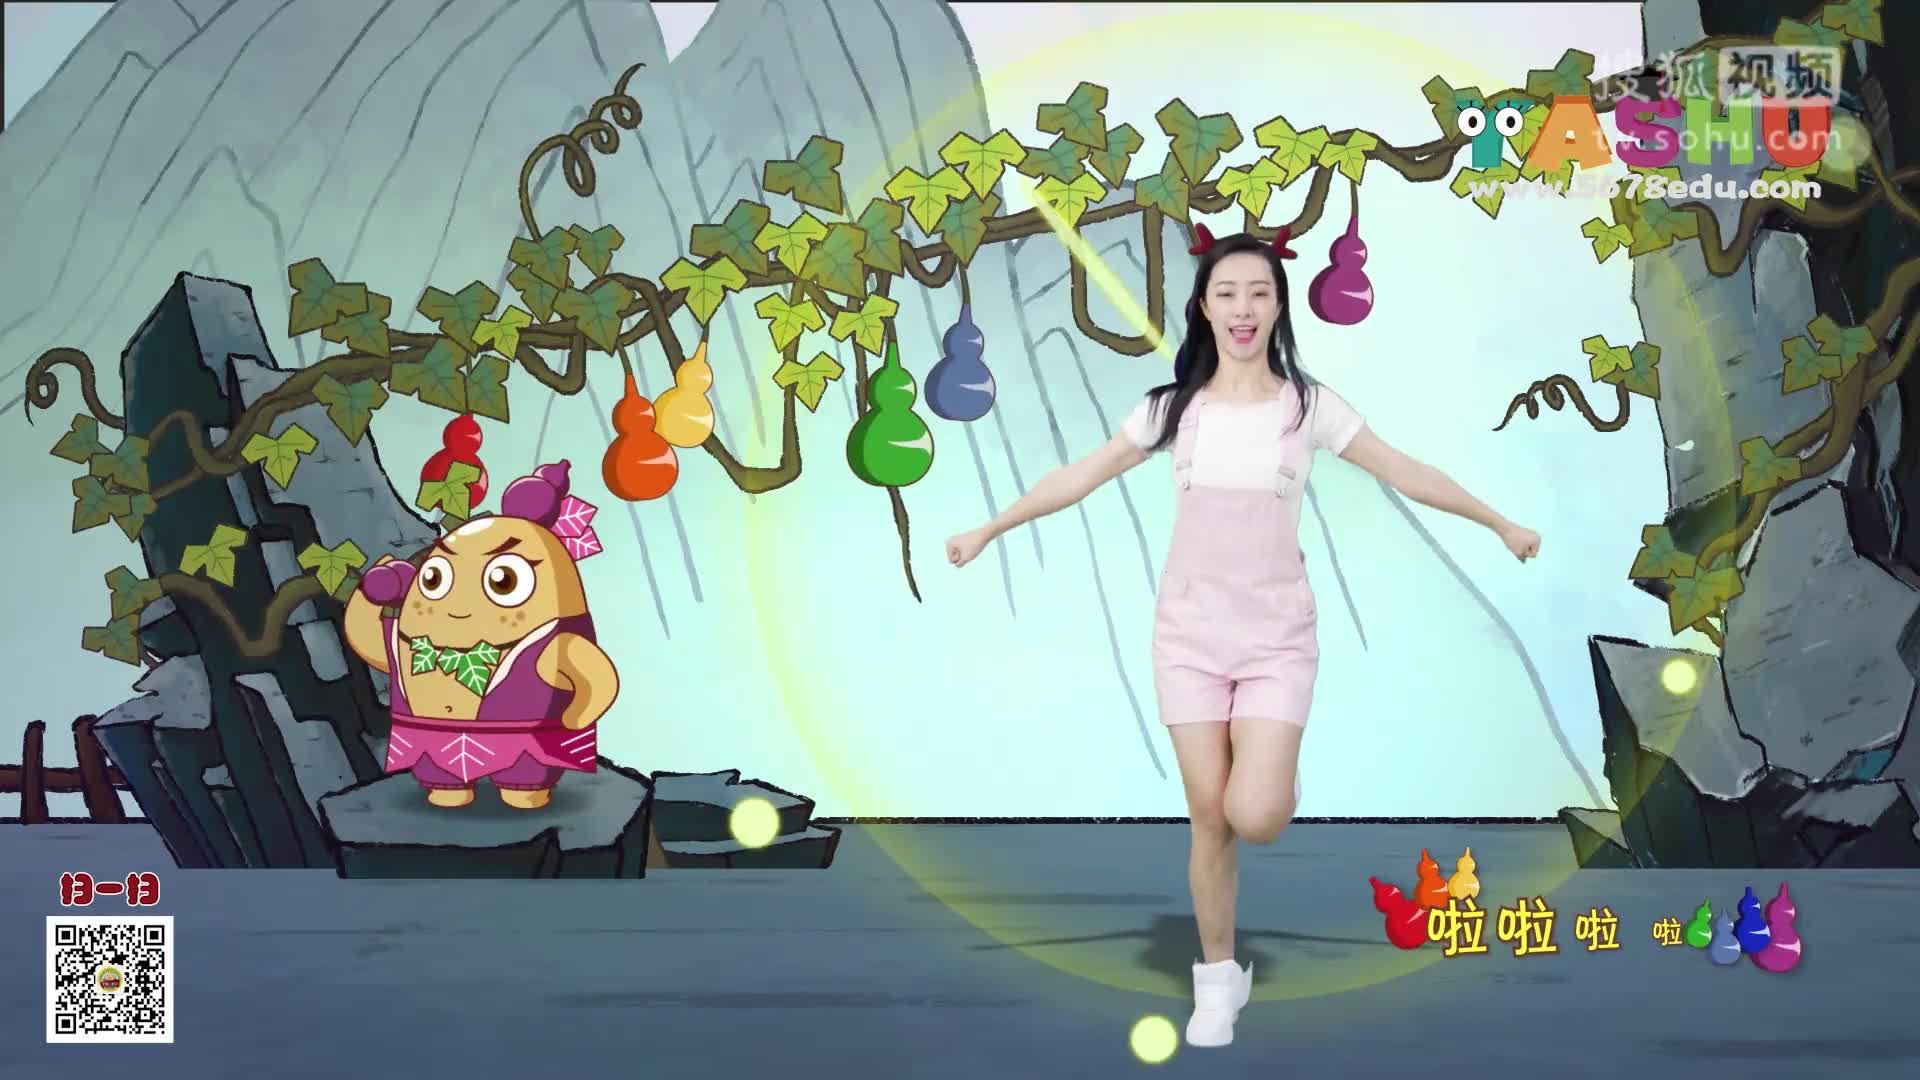 《葫芦娃》幼儿舞蹈少儿歌曲幼儿园律动六一儿童节舞